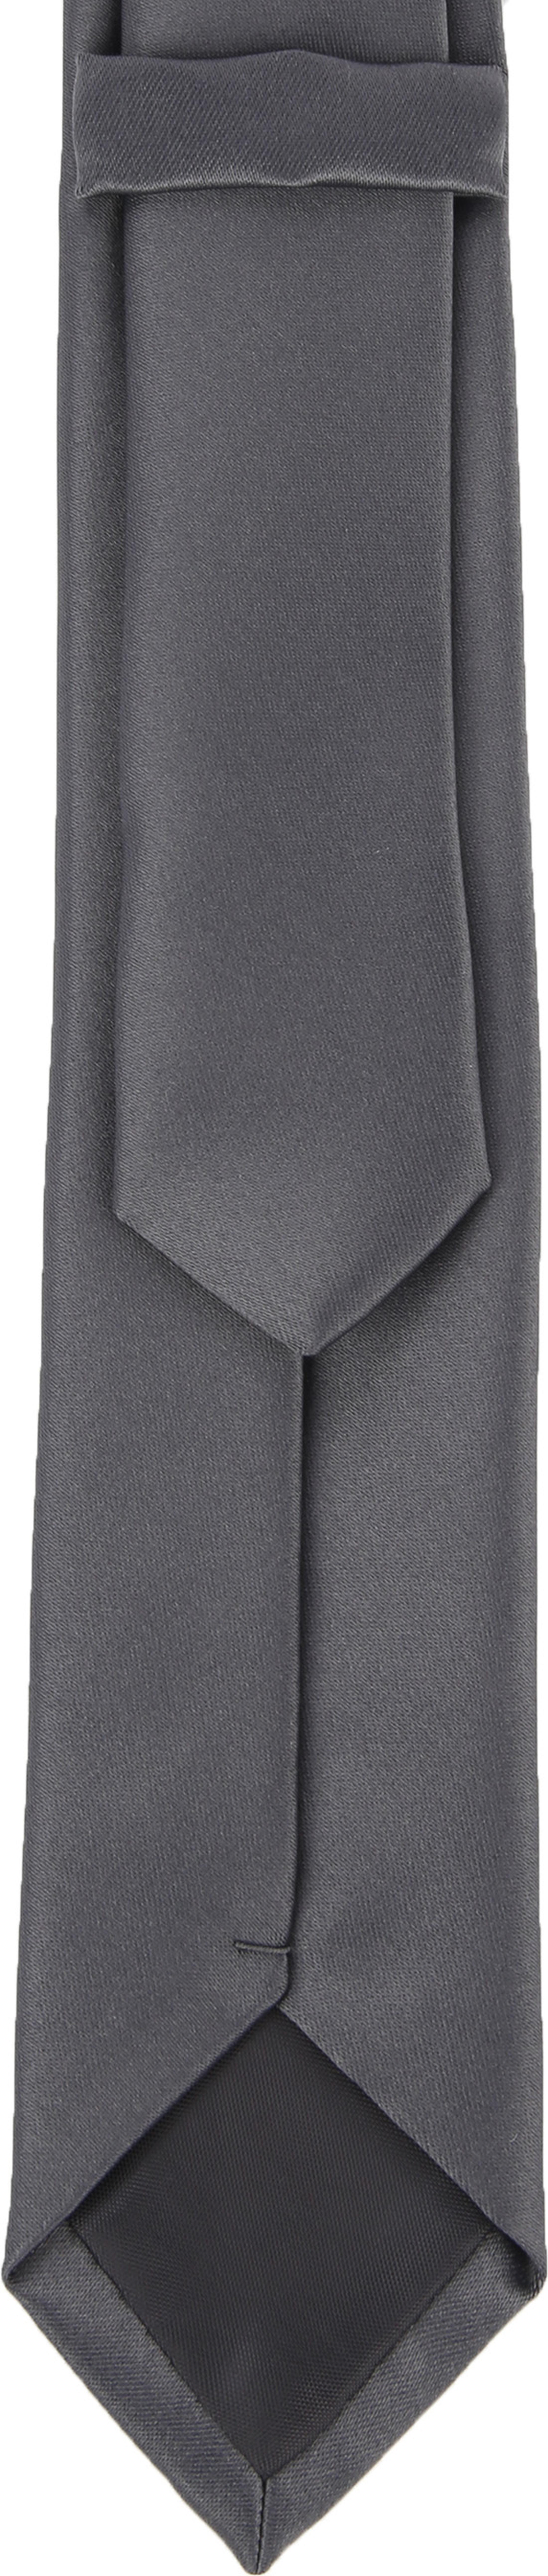 Suitable Tie Dark Grey 906 foto 2